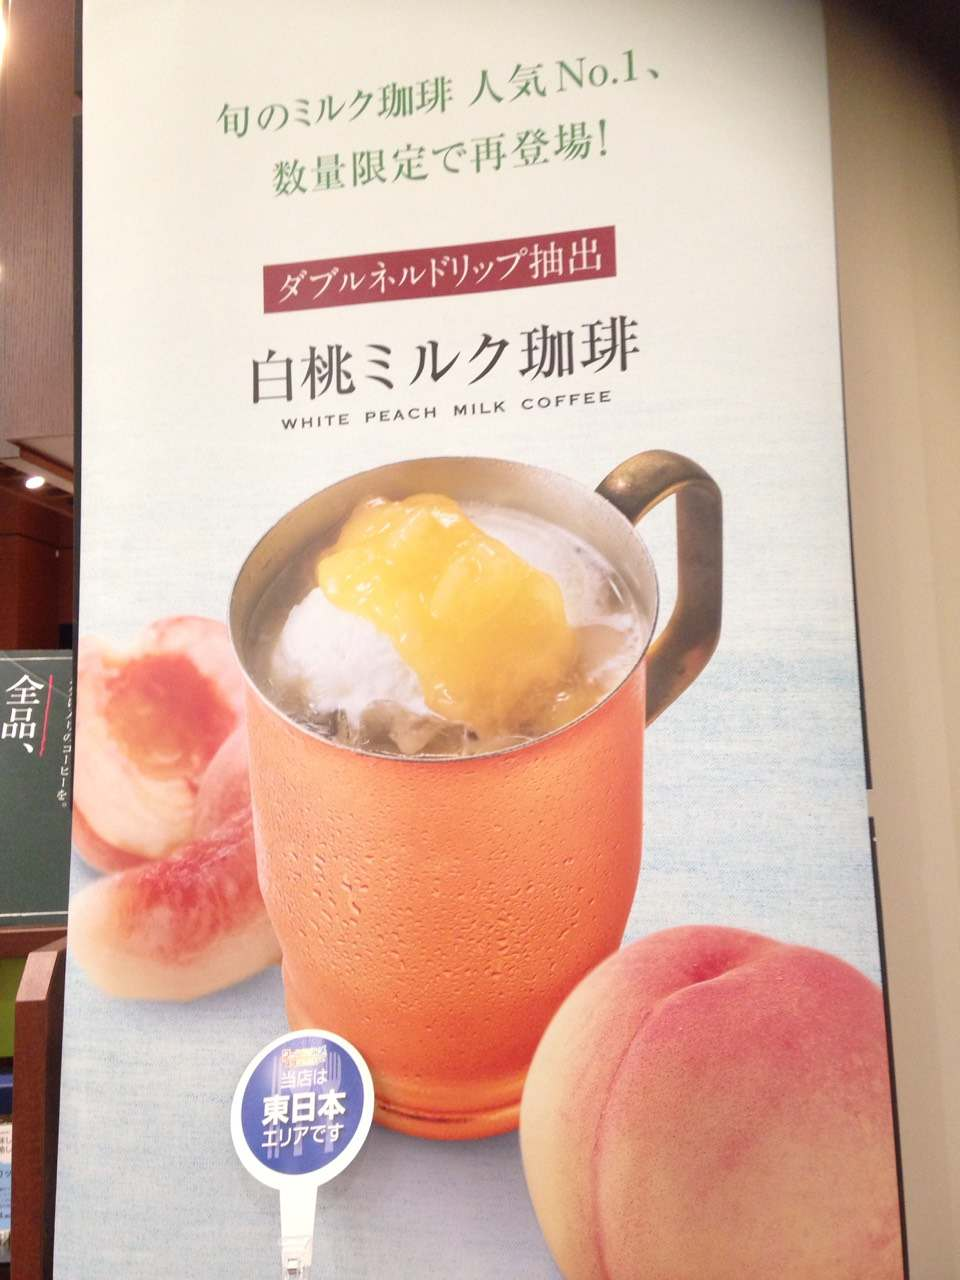 暑い夏にぴったり!白桃ミルク珈琲♪